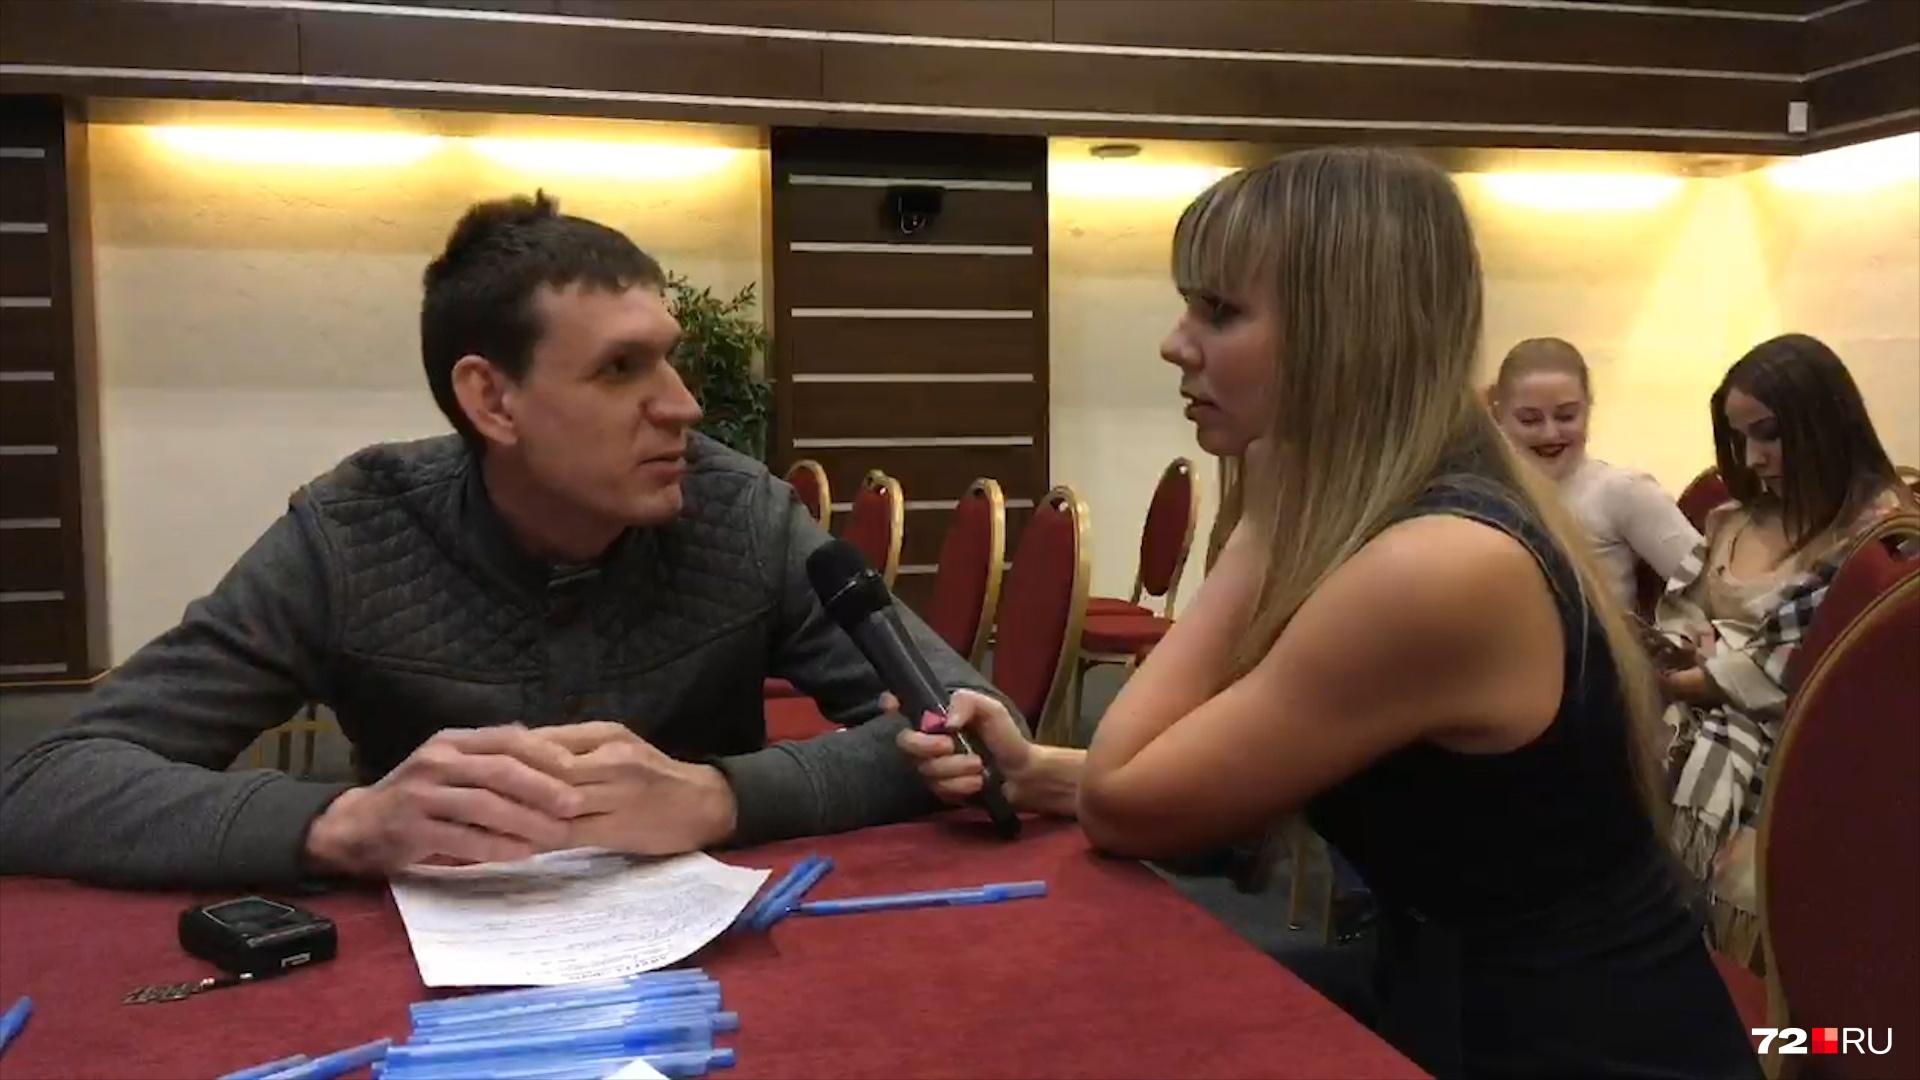 Иван Куприн рассказал журналисту 72.ru, что своим участием в телепроекте он хочет решить сразу две задачи